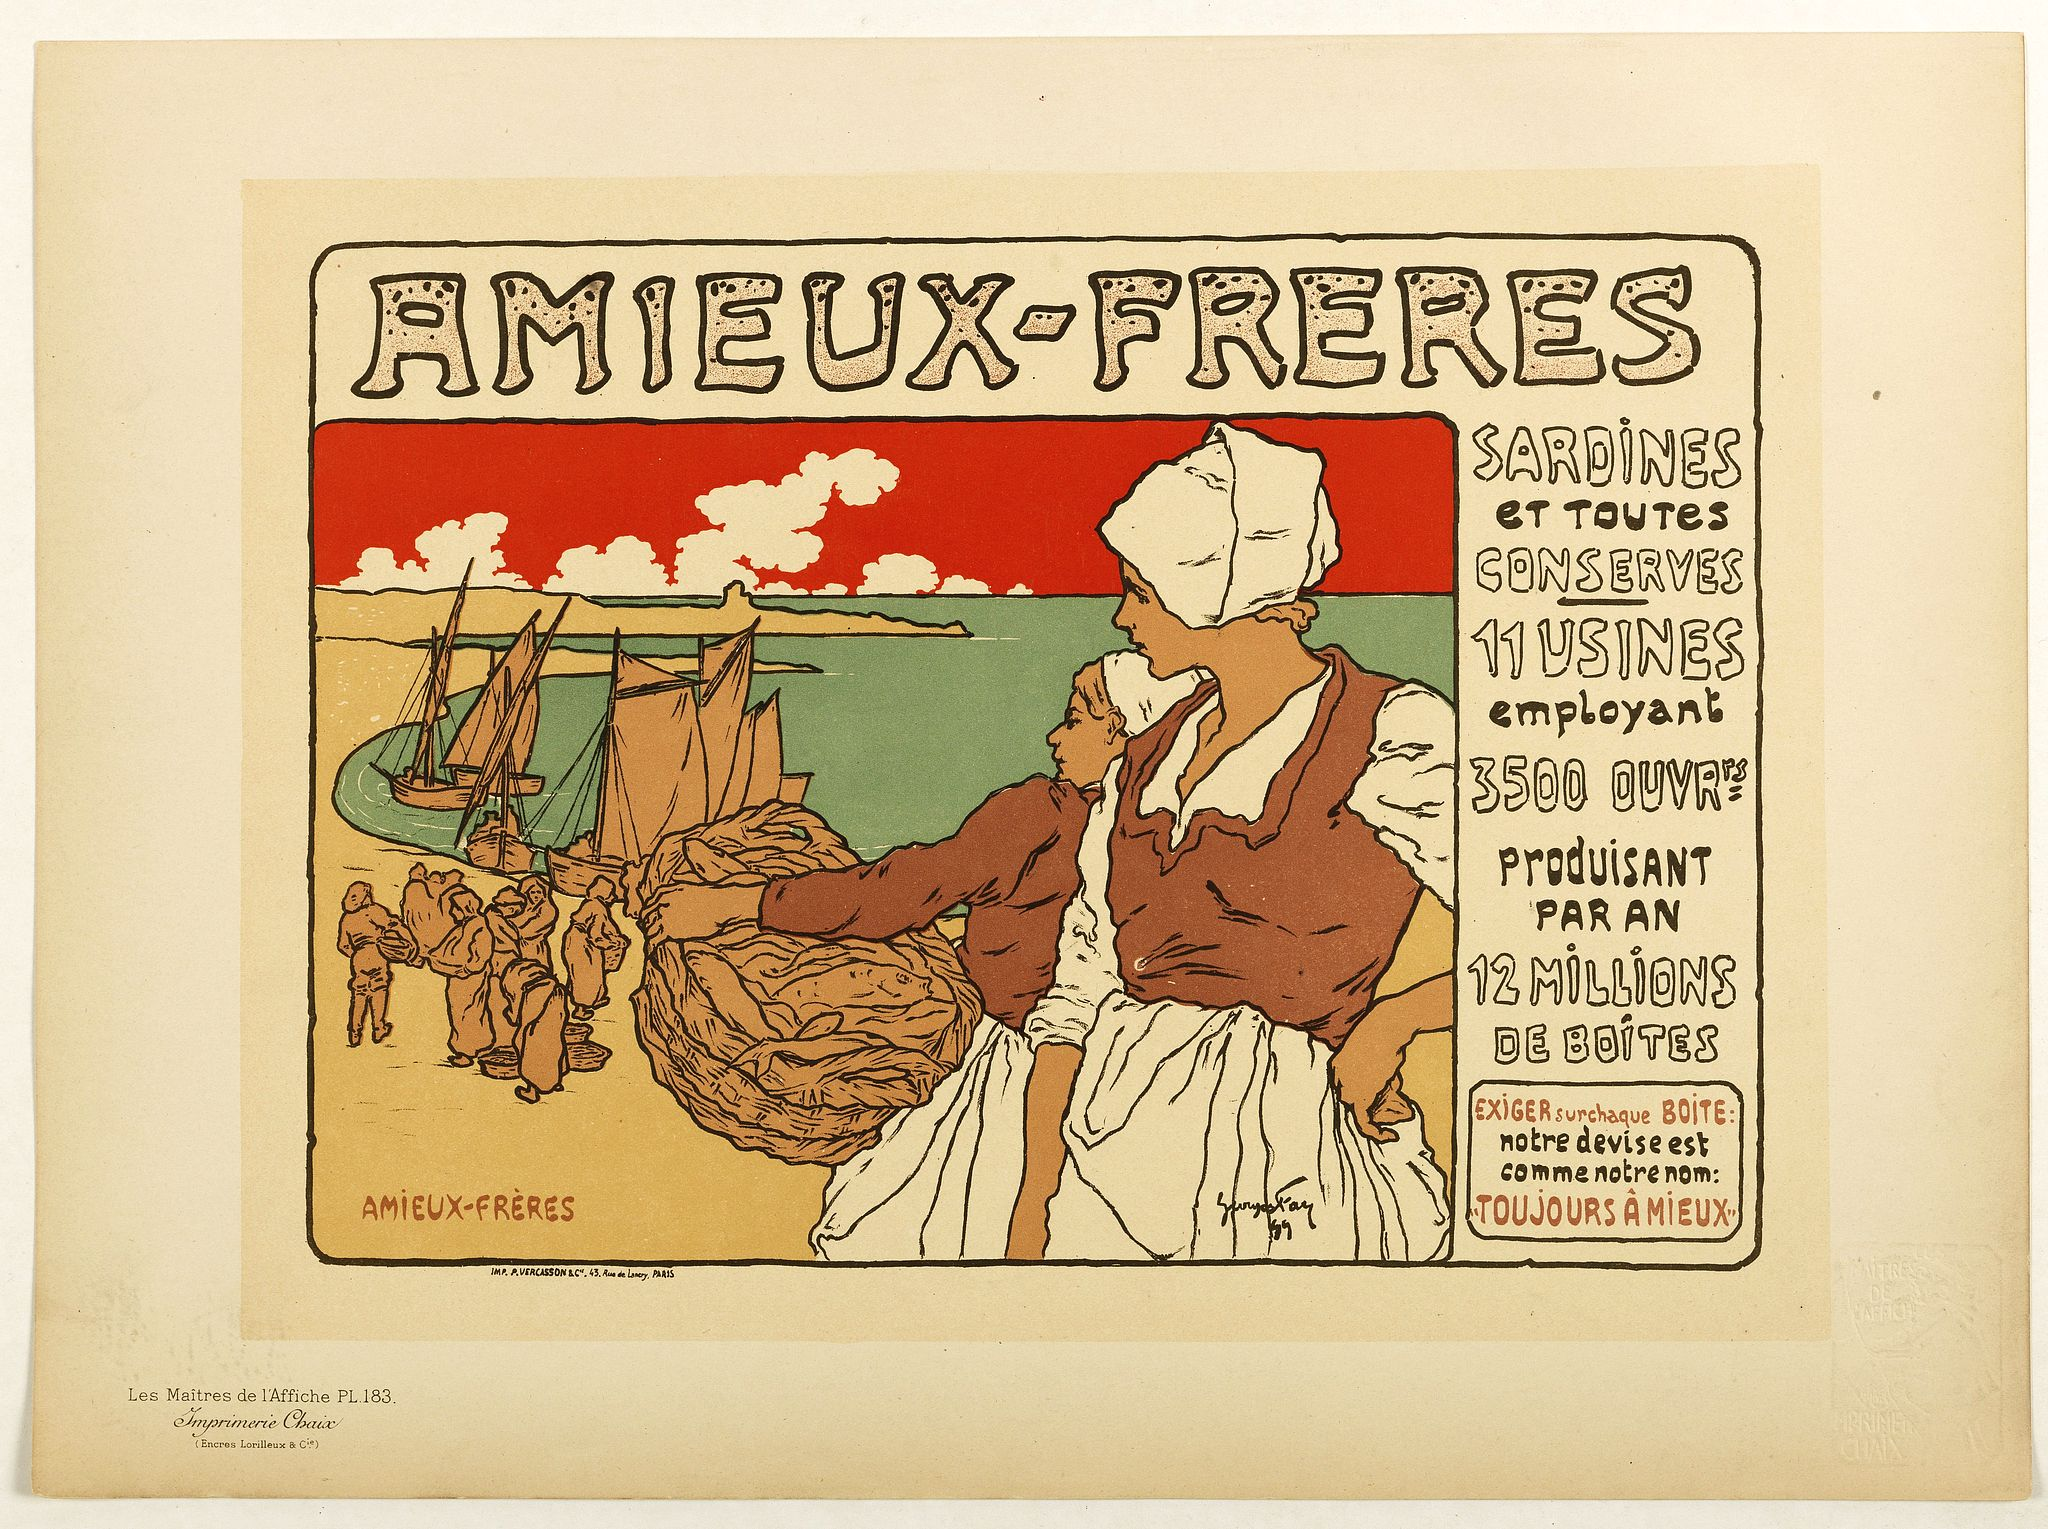 LES MAITRES DE L'AFFICHE -  Amieux Freres, sardines et toute conserves.